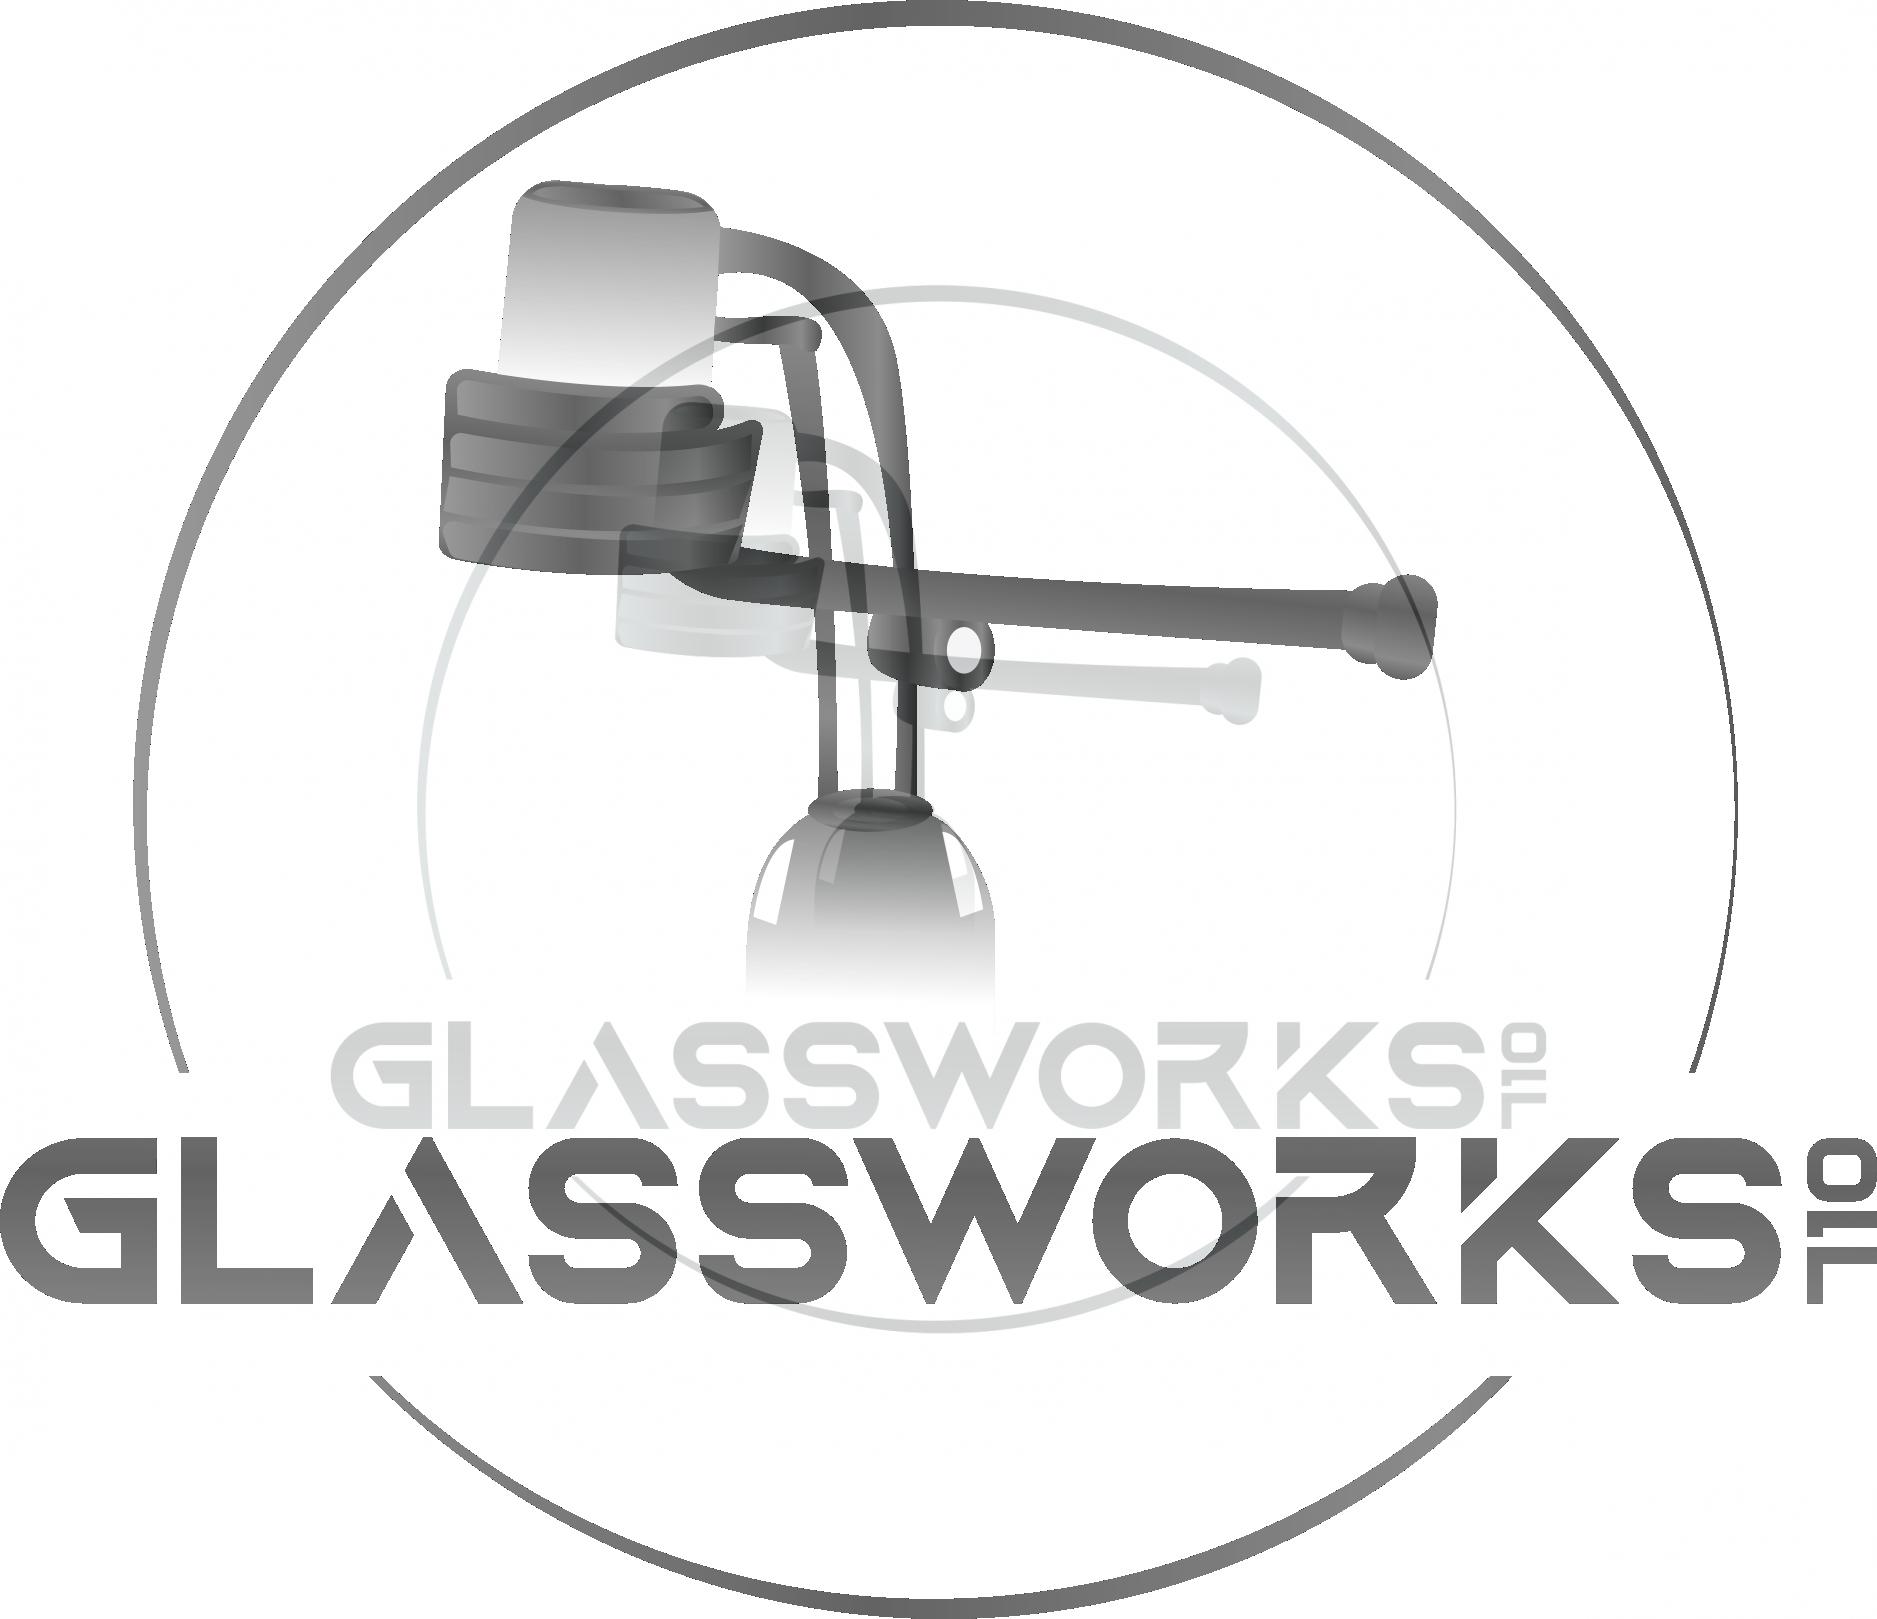 Glassworks710